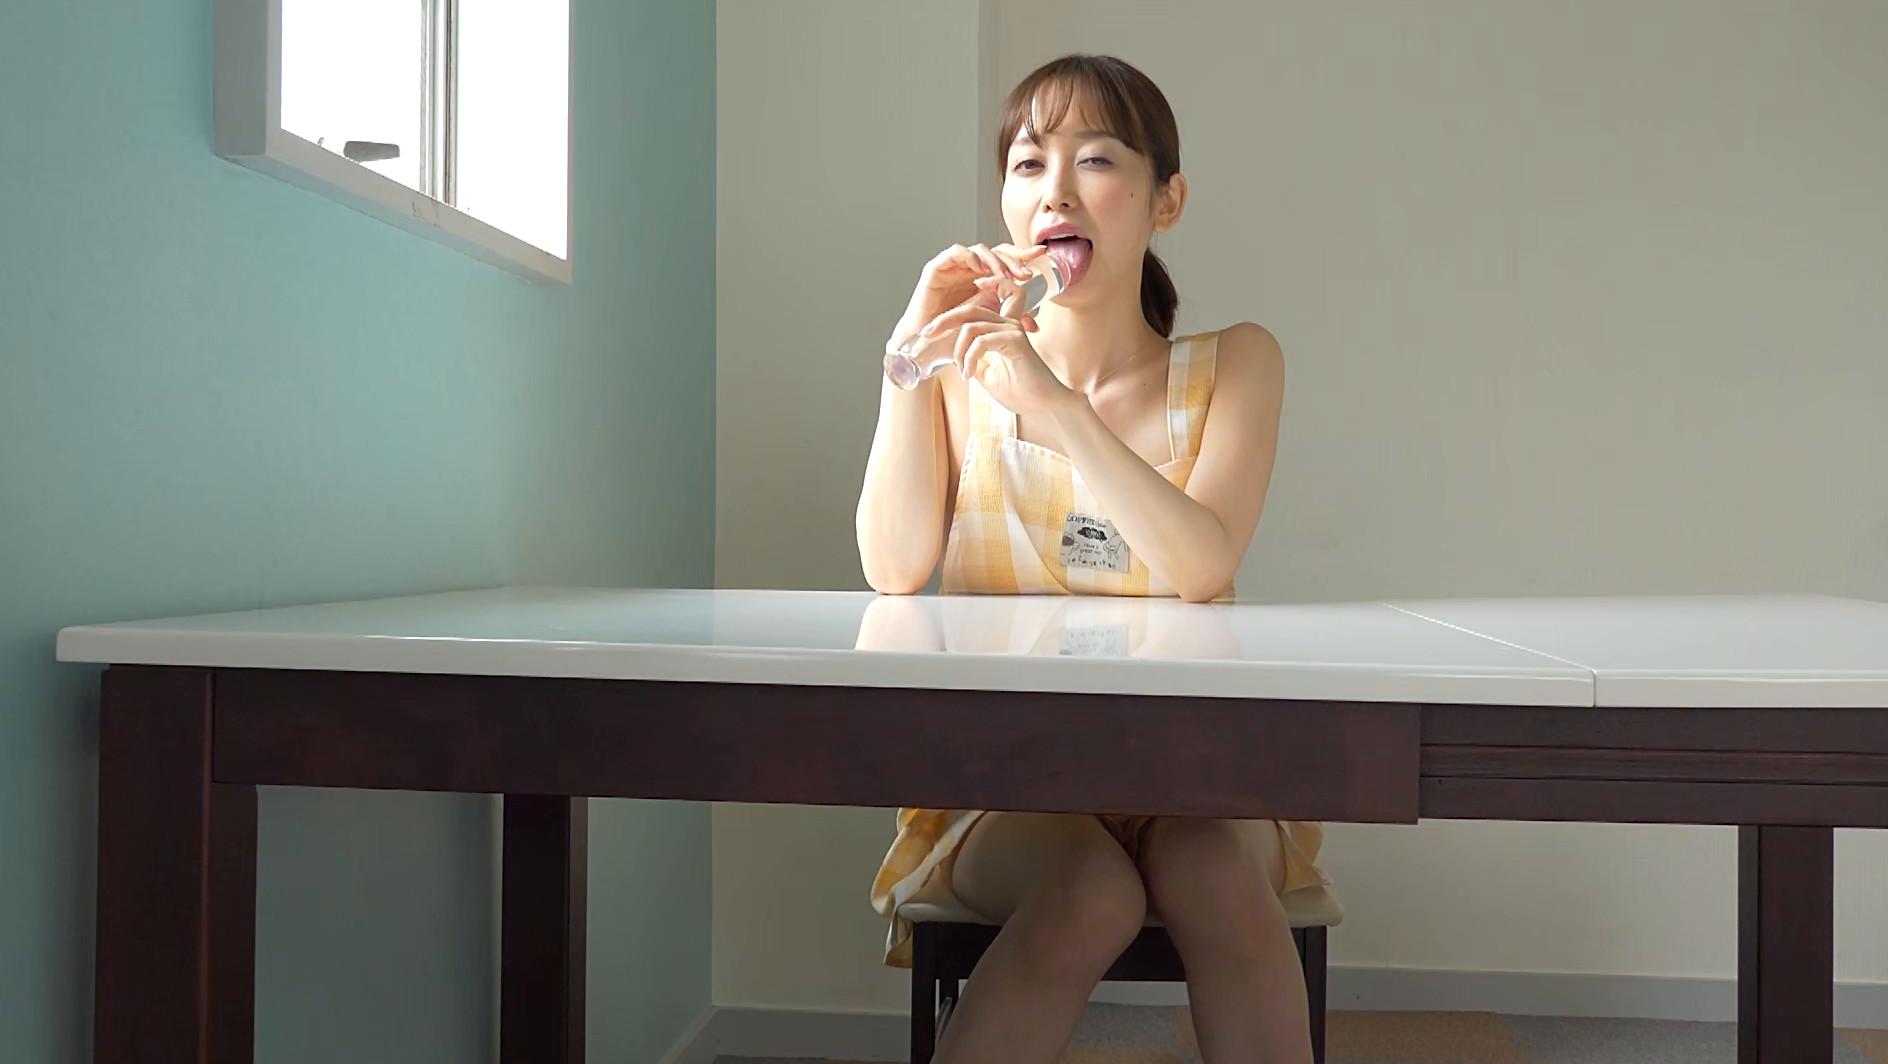 ヘアーヌード~無修正・美巨乳Fカップ・美尻・セクシー女優~ 篠田ゆう 画像18